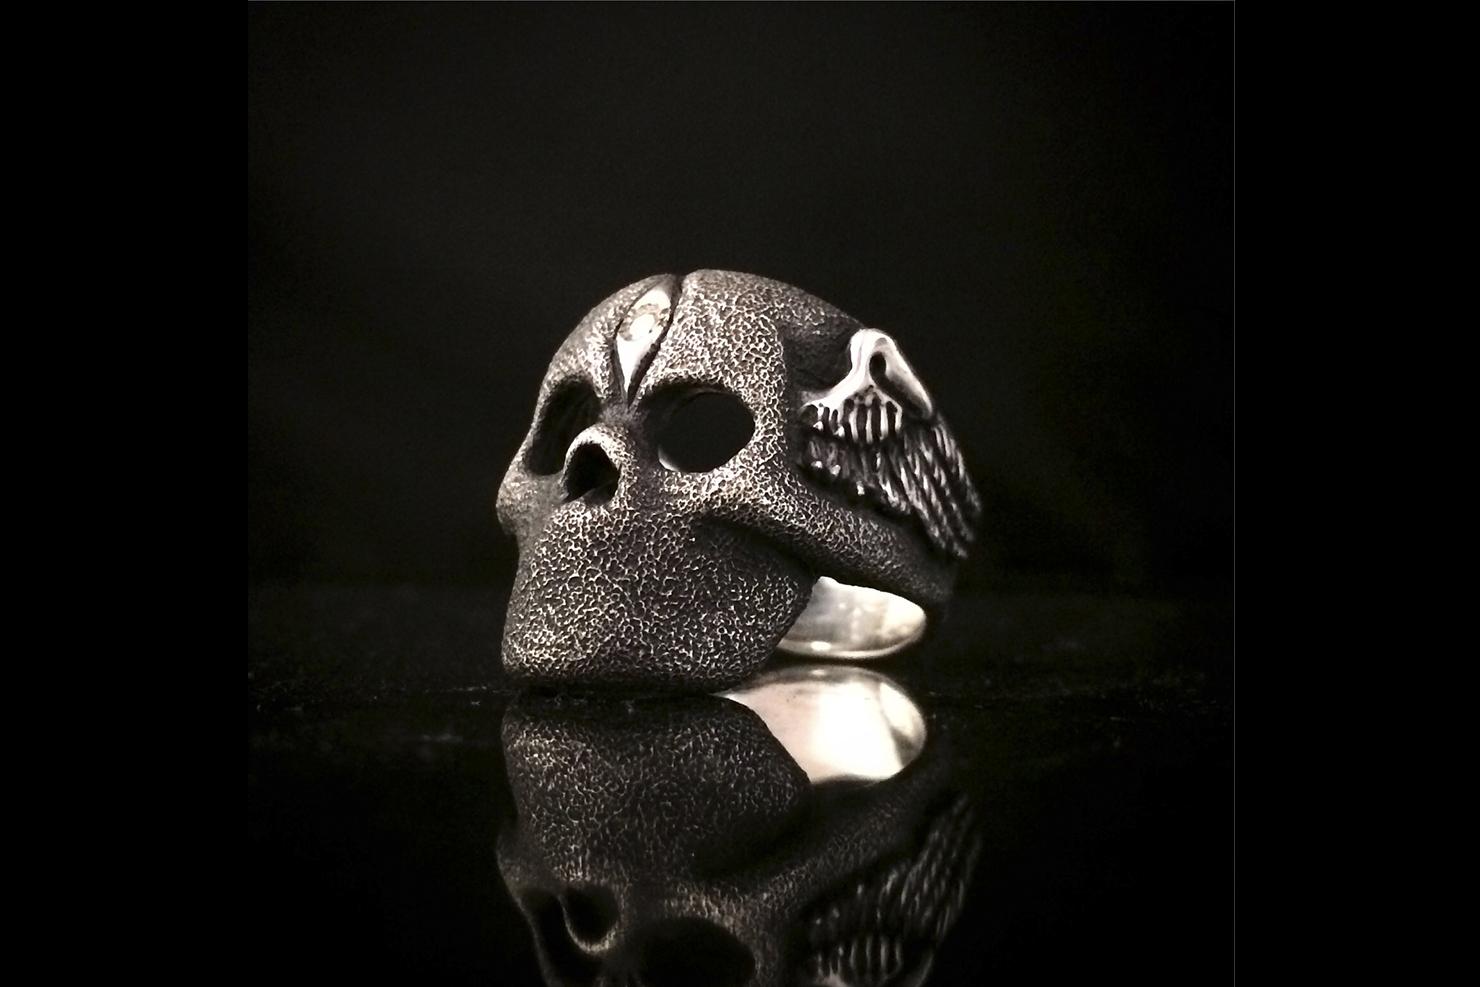 mouthless skull.jpg